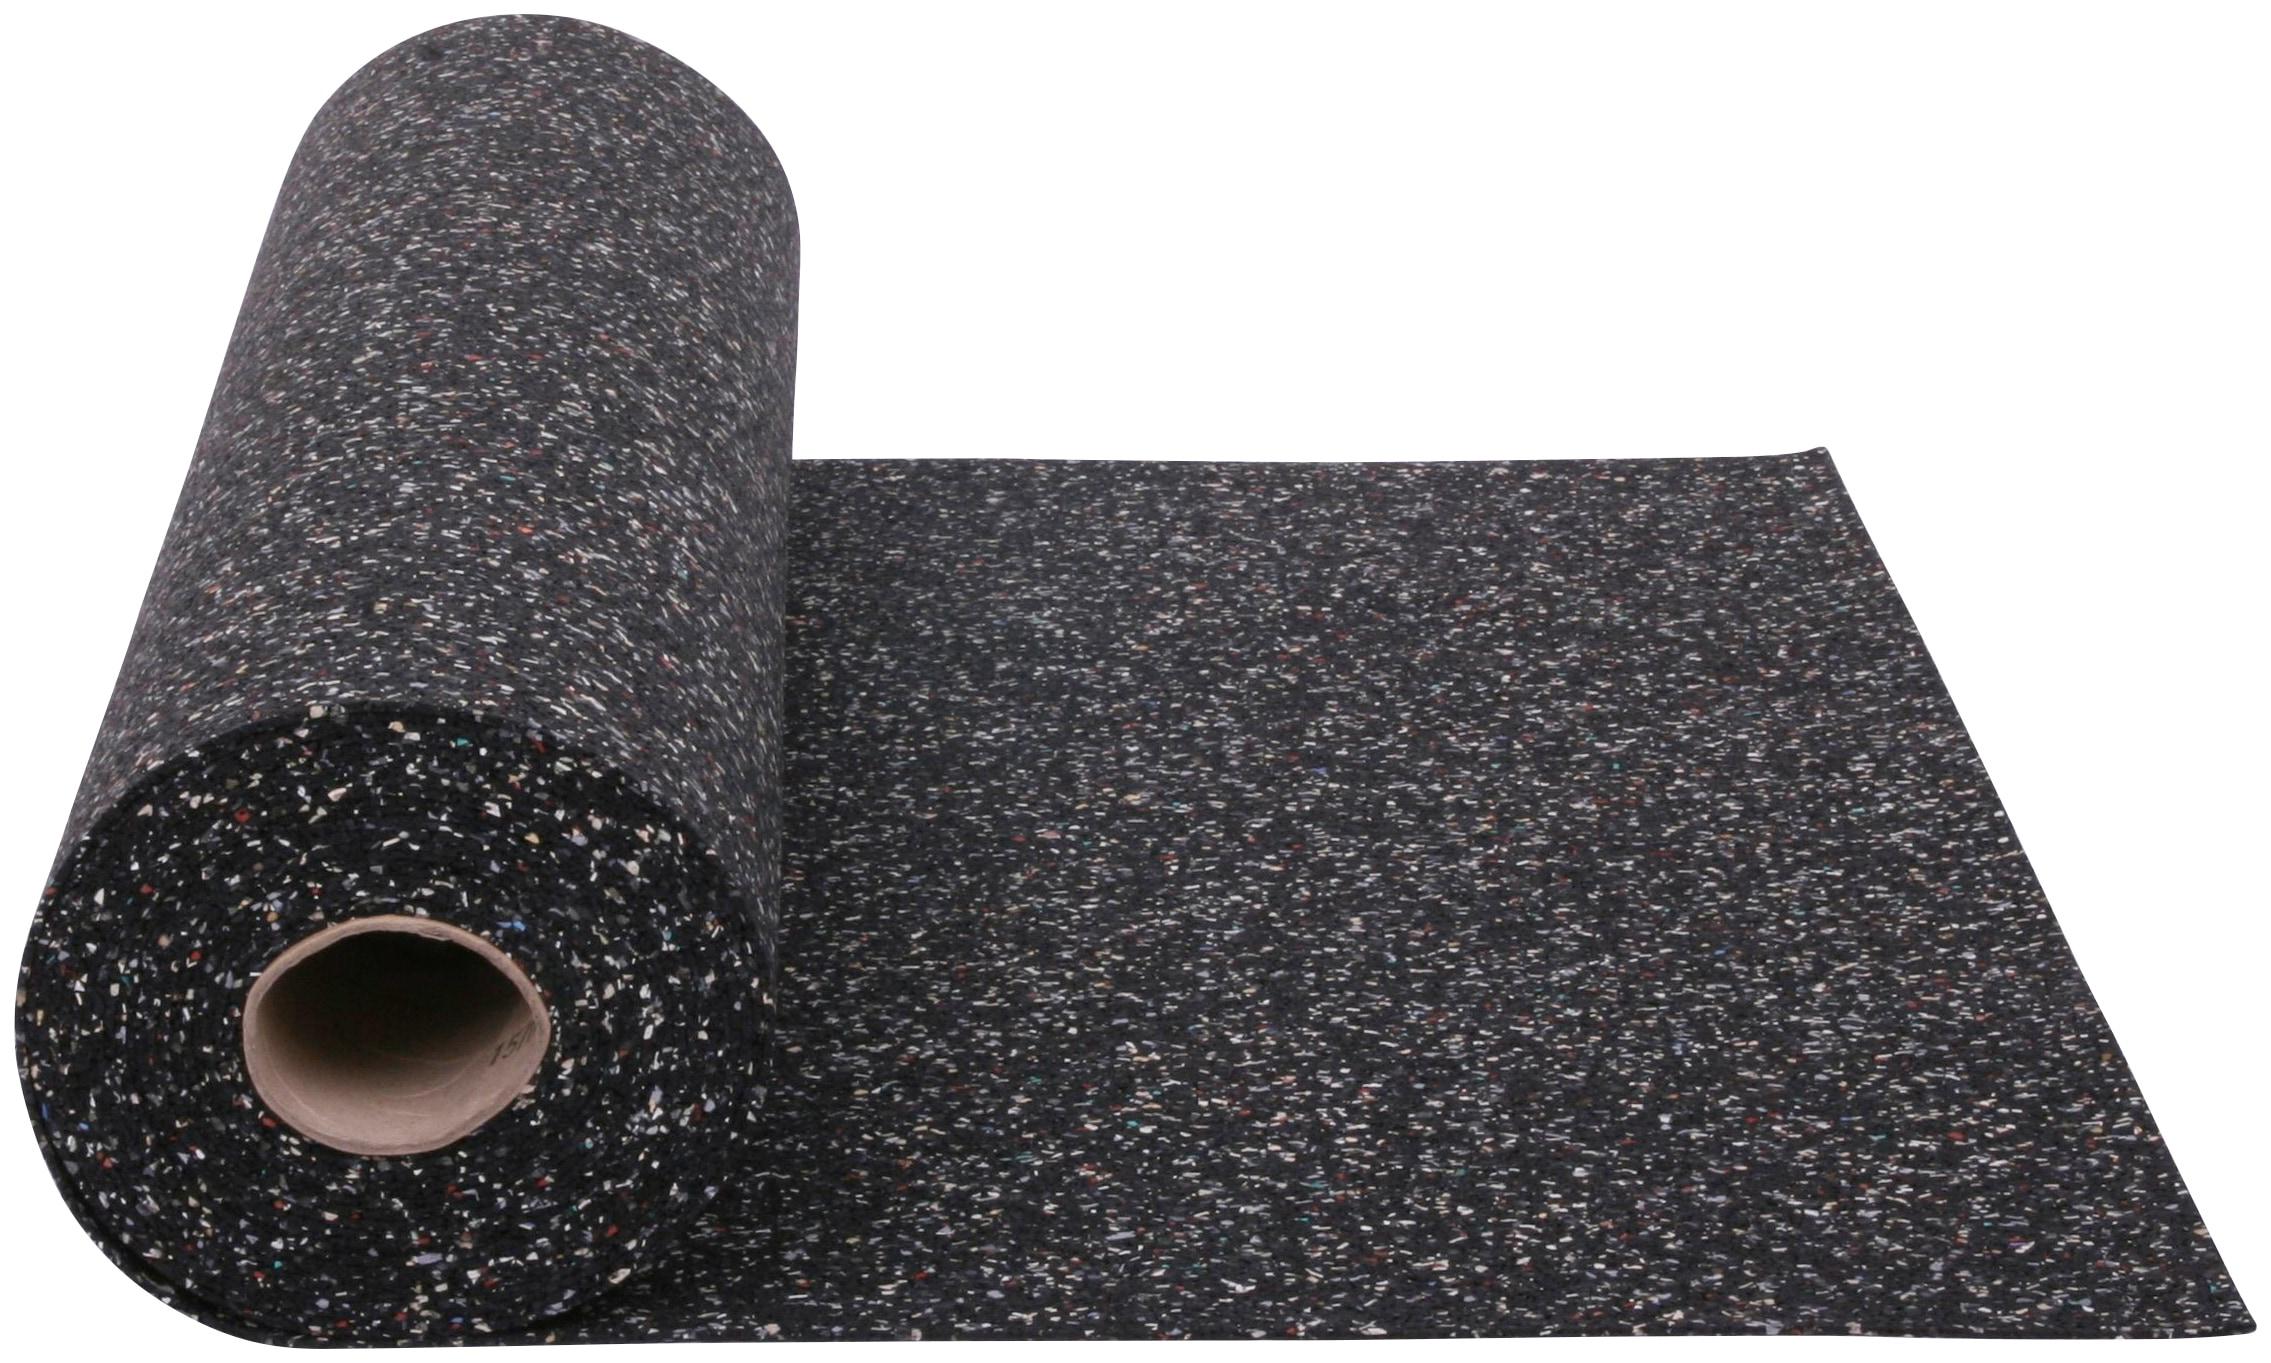 SZ METALL Gummimatte, zur Dämpfung, 100x125 cm (LxB) schwarz Gummimatte Metall